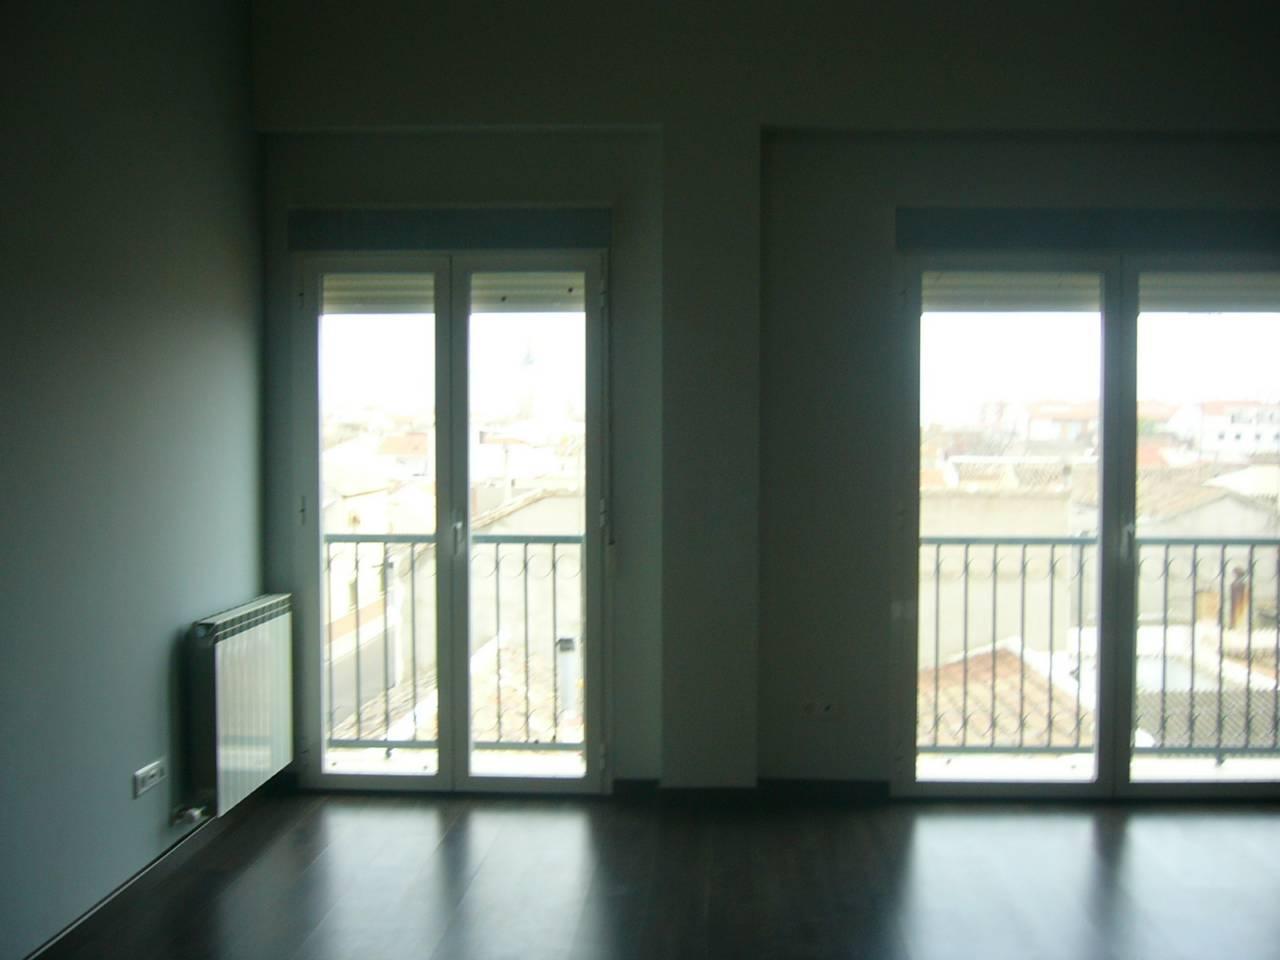 se vende piso nuevo duplex muy luminoso